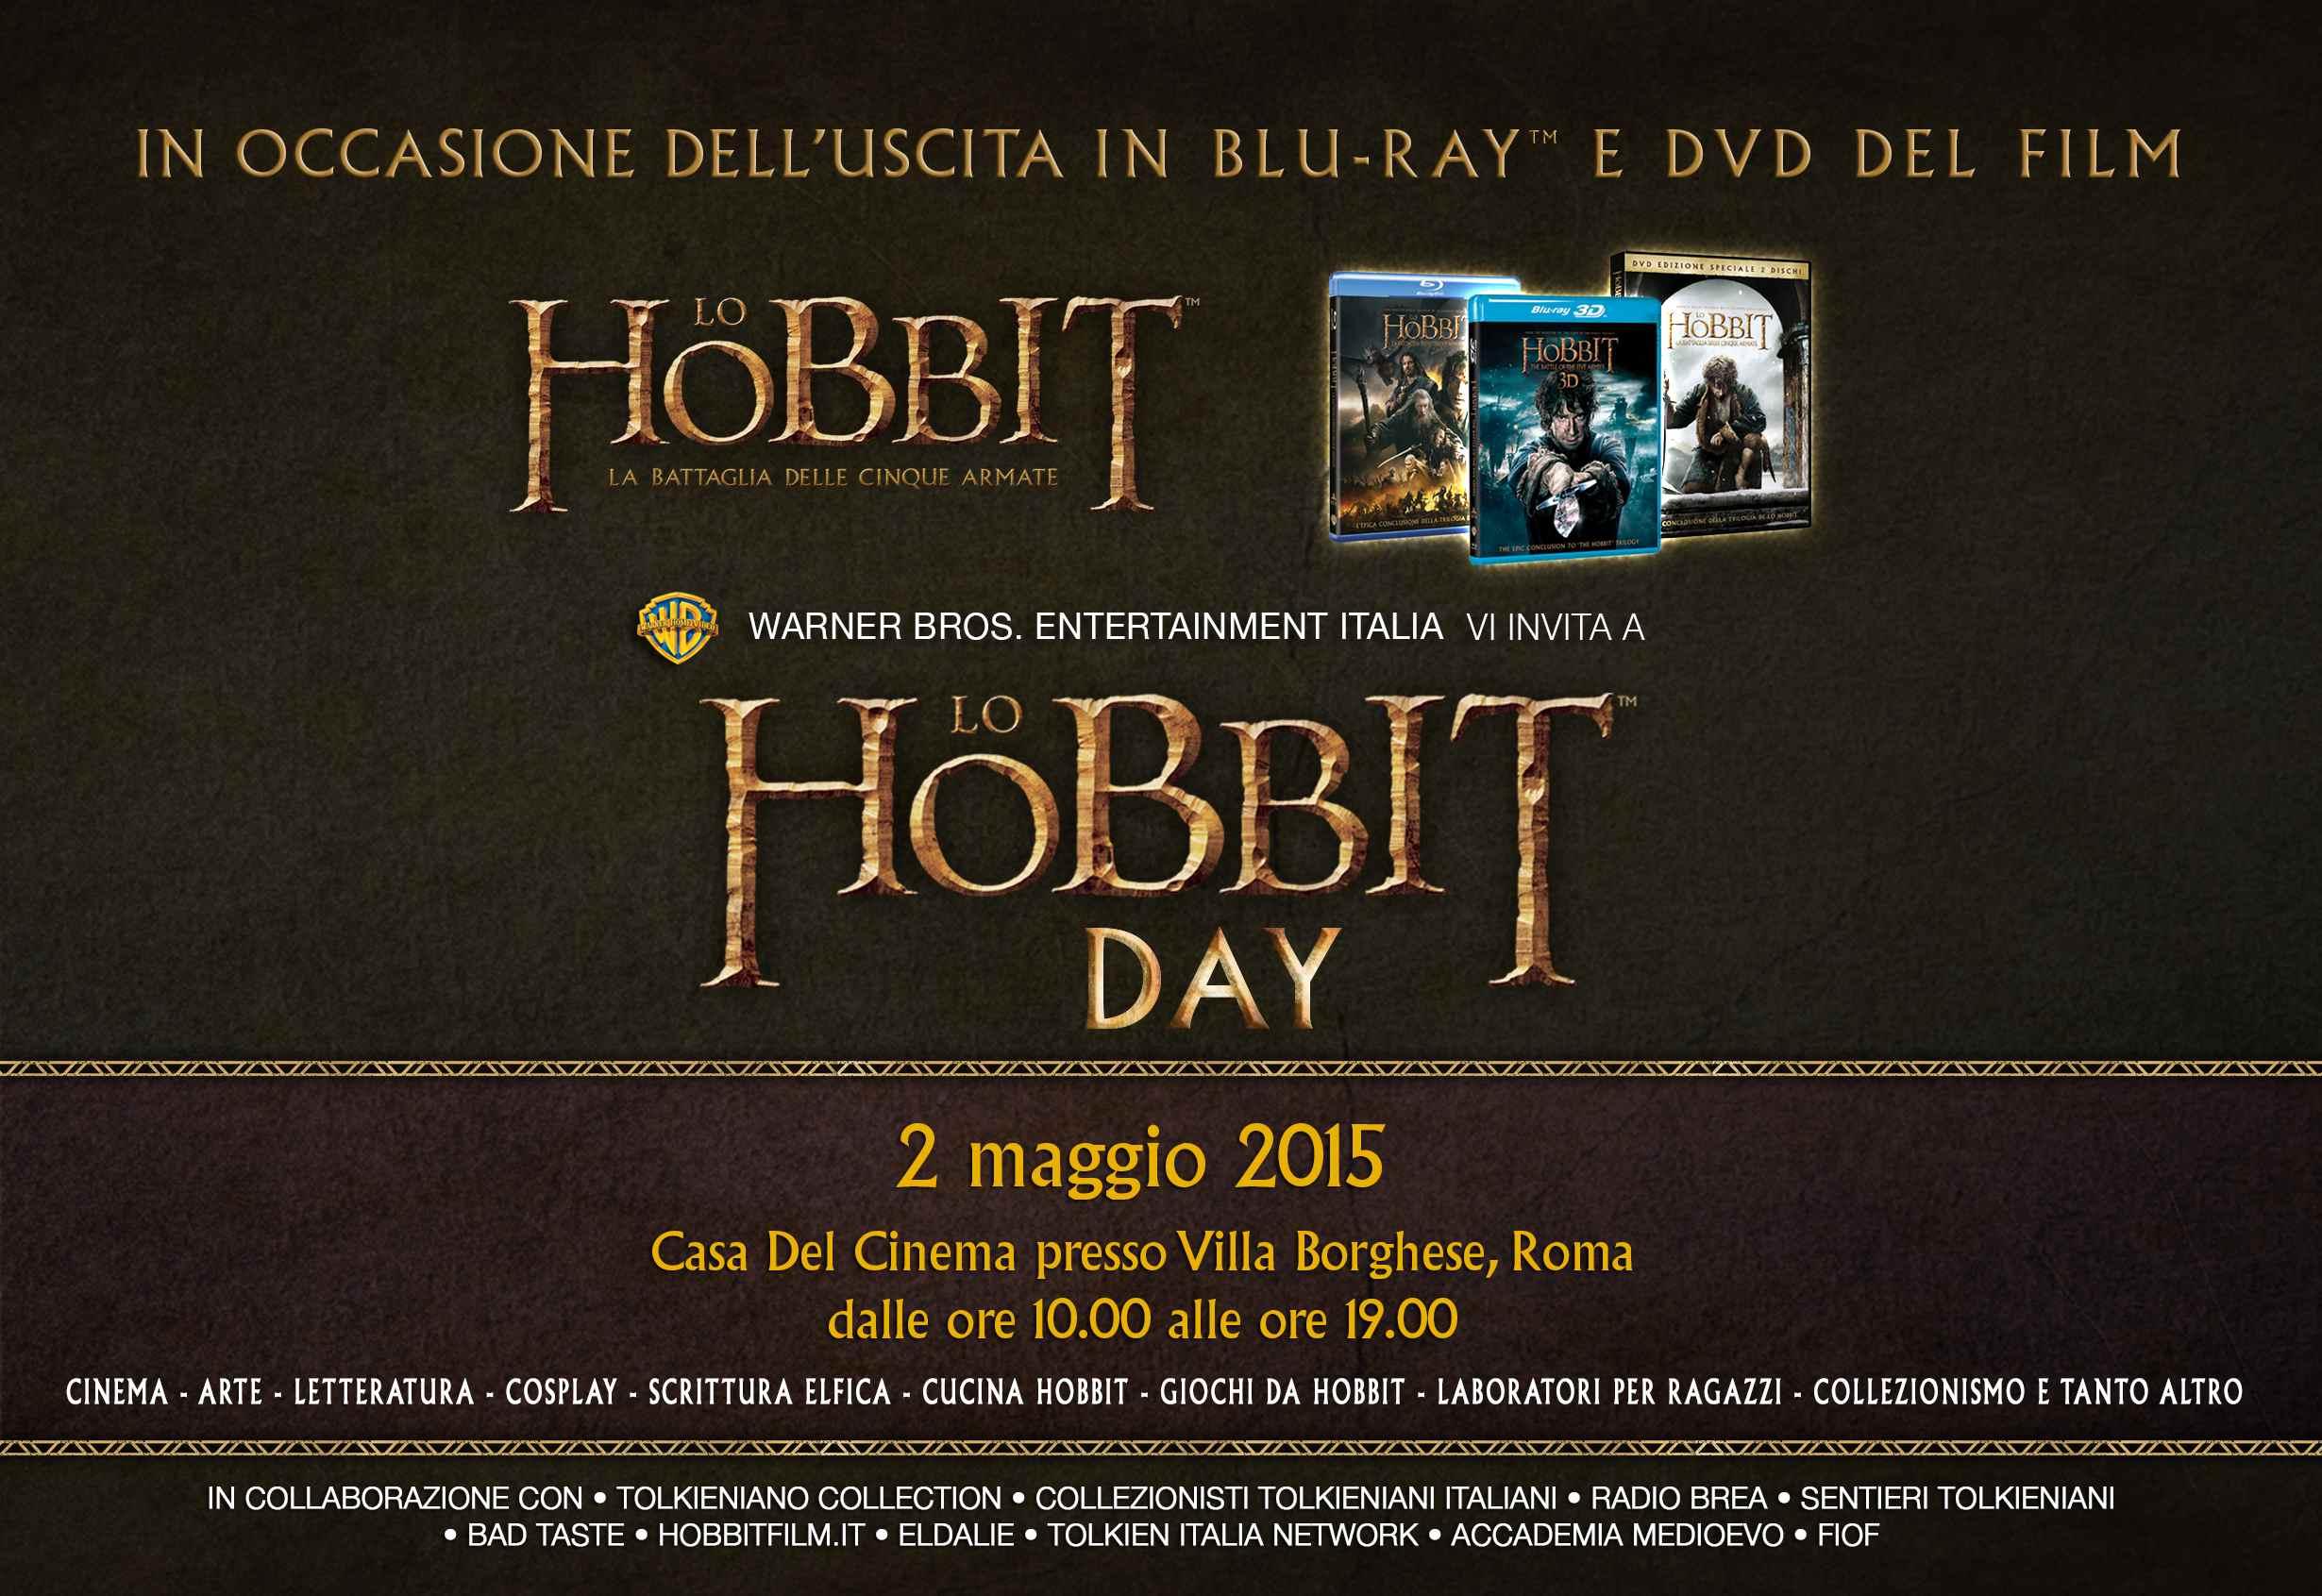 invito lo hobbit day 2015